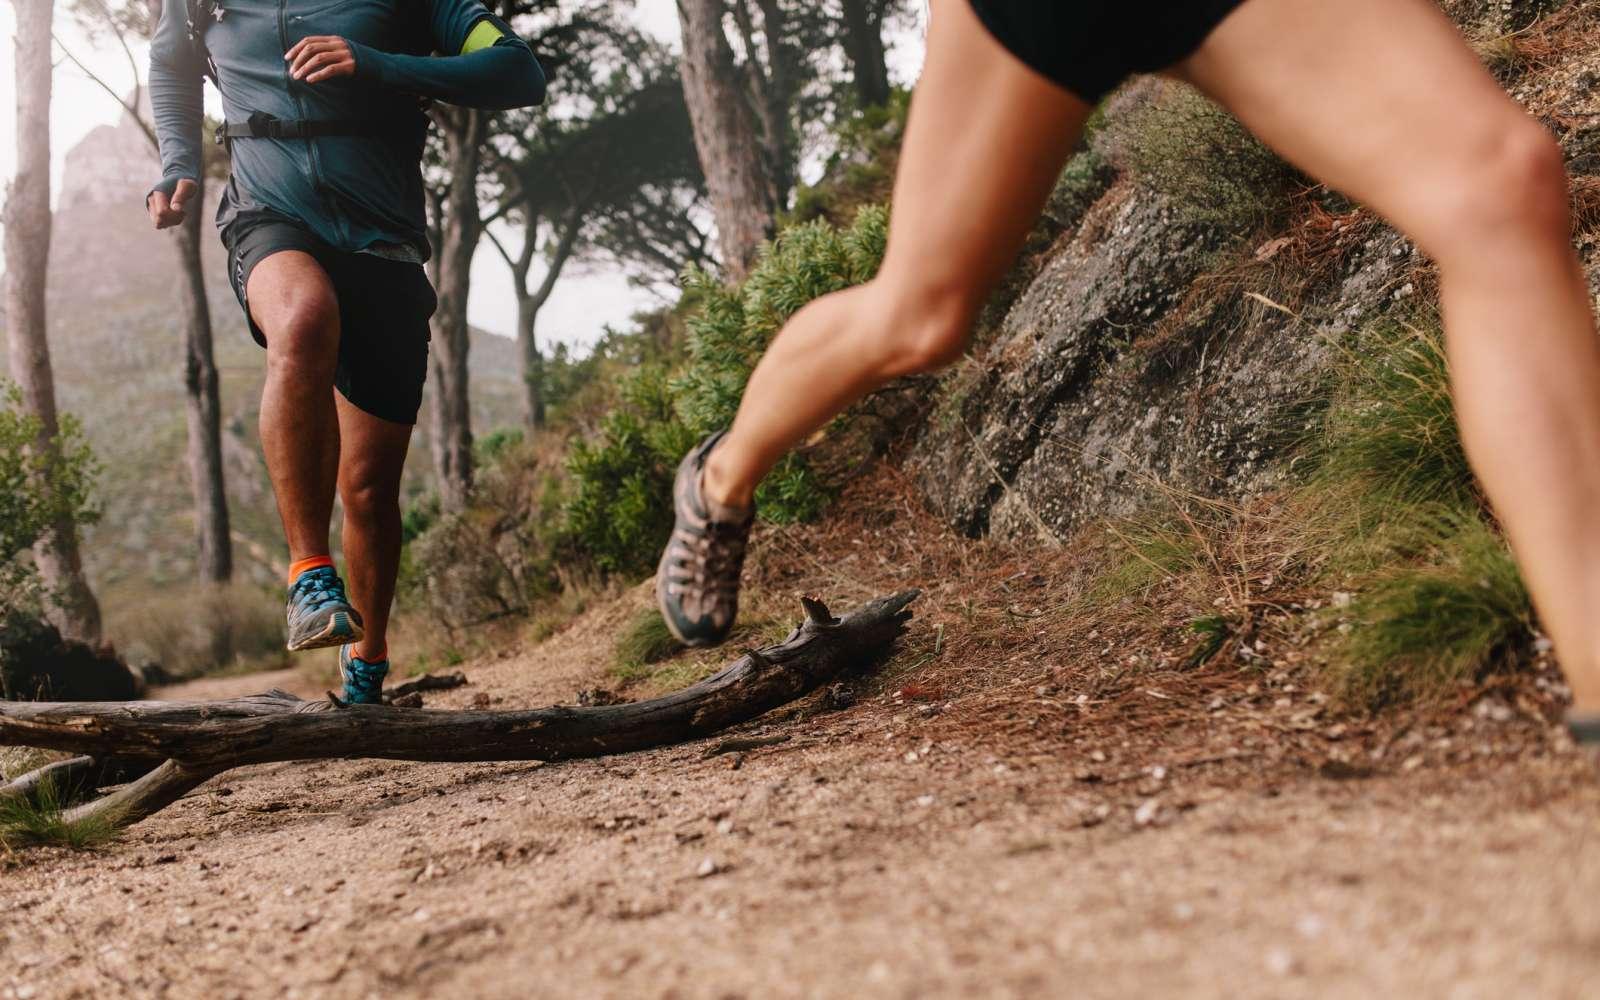 2 runner corrono nel bosco un trail con scarpe da trail running